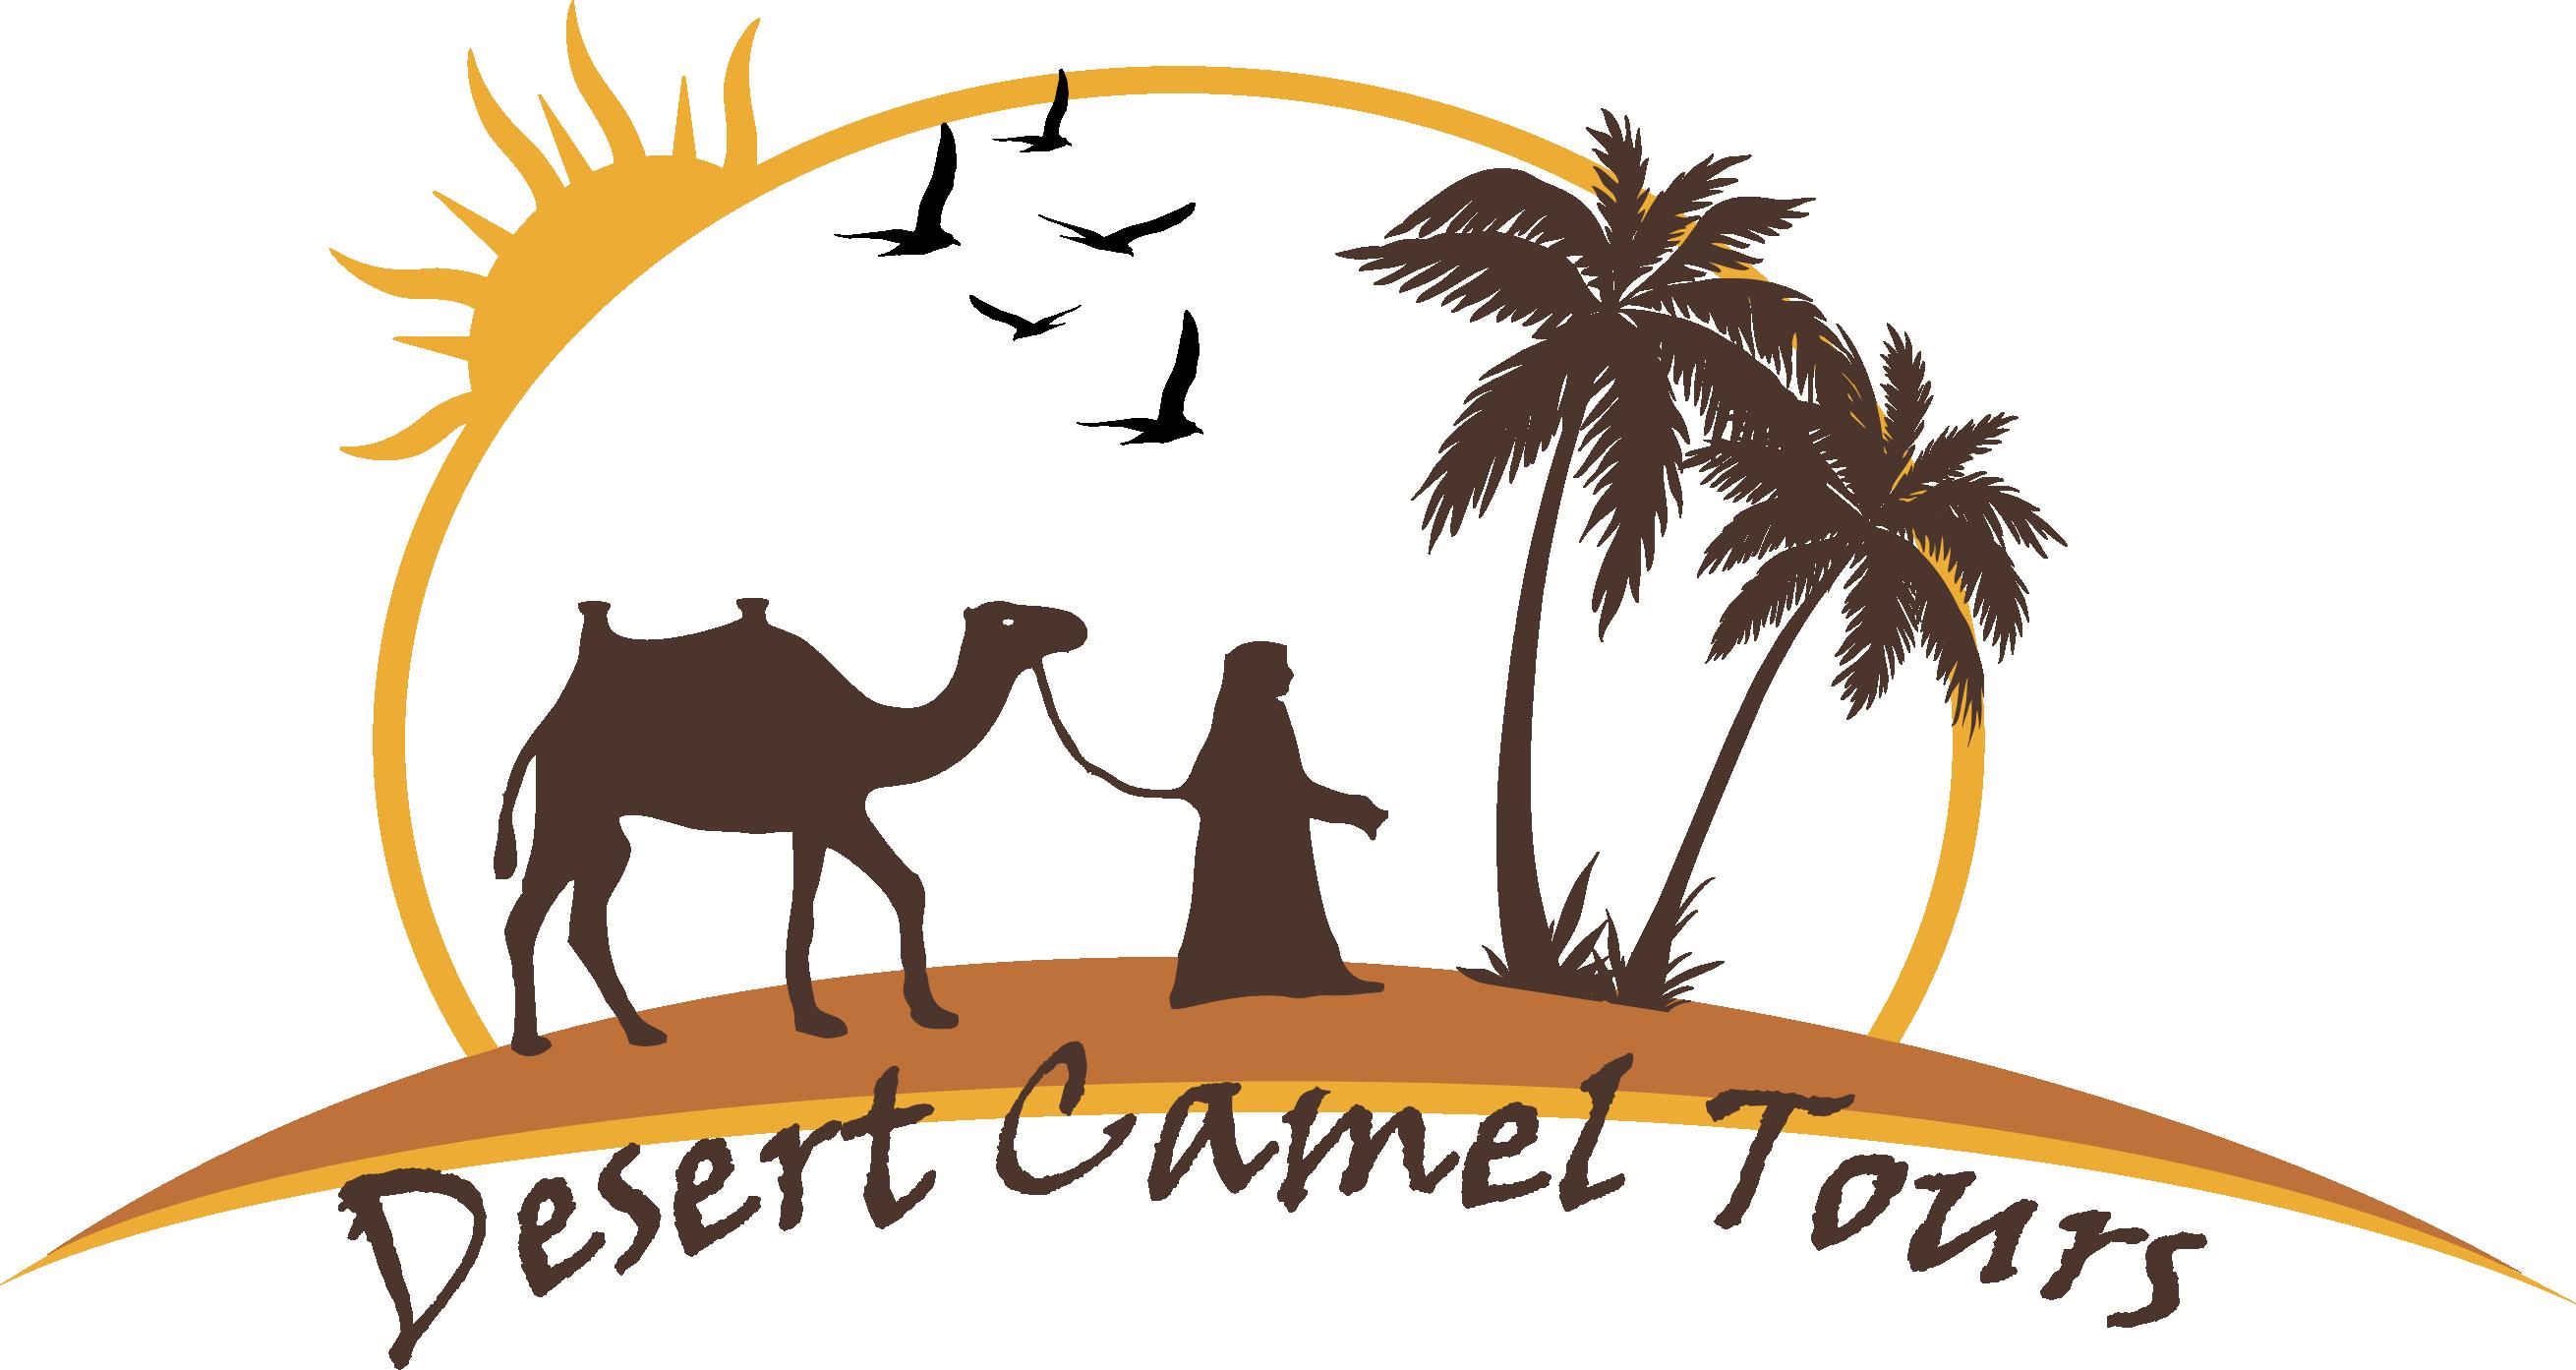 png free desert camel tours